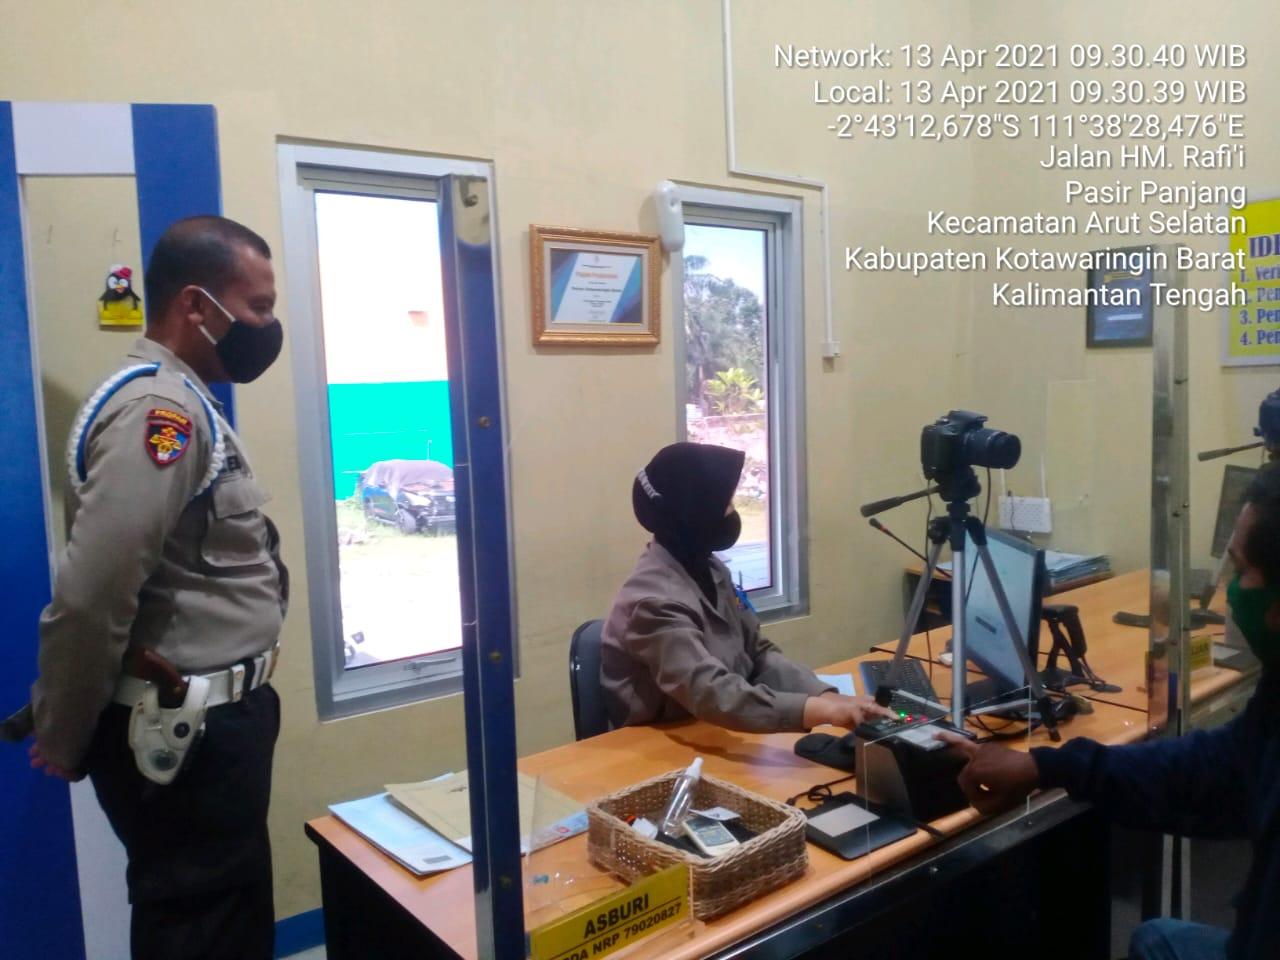 Satlantas Polres Kobar Selalu Menerapkan Protokol Kesehatan dalam Pelayanan Administrasi SIM